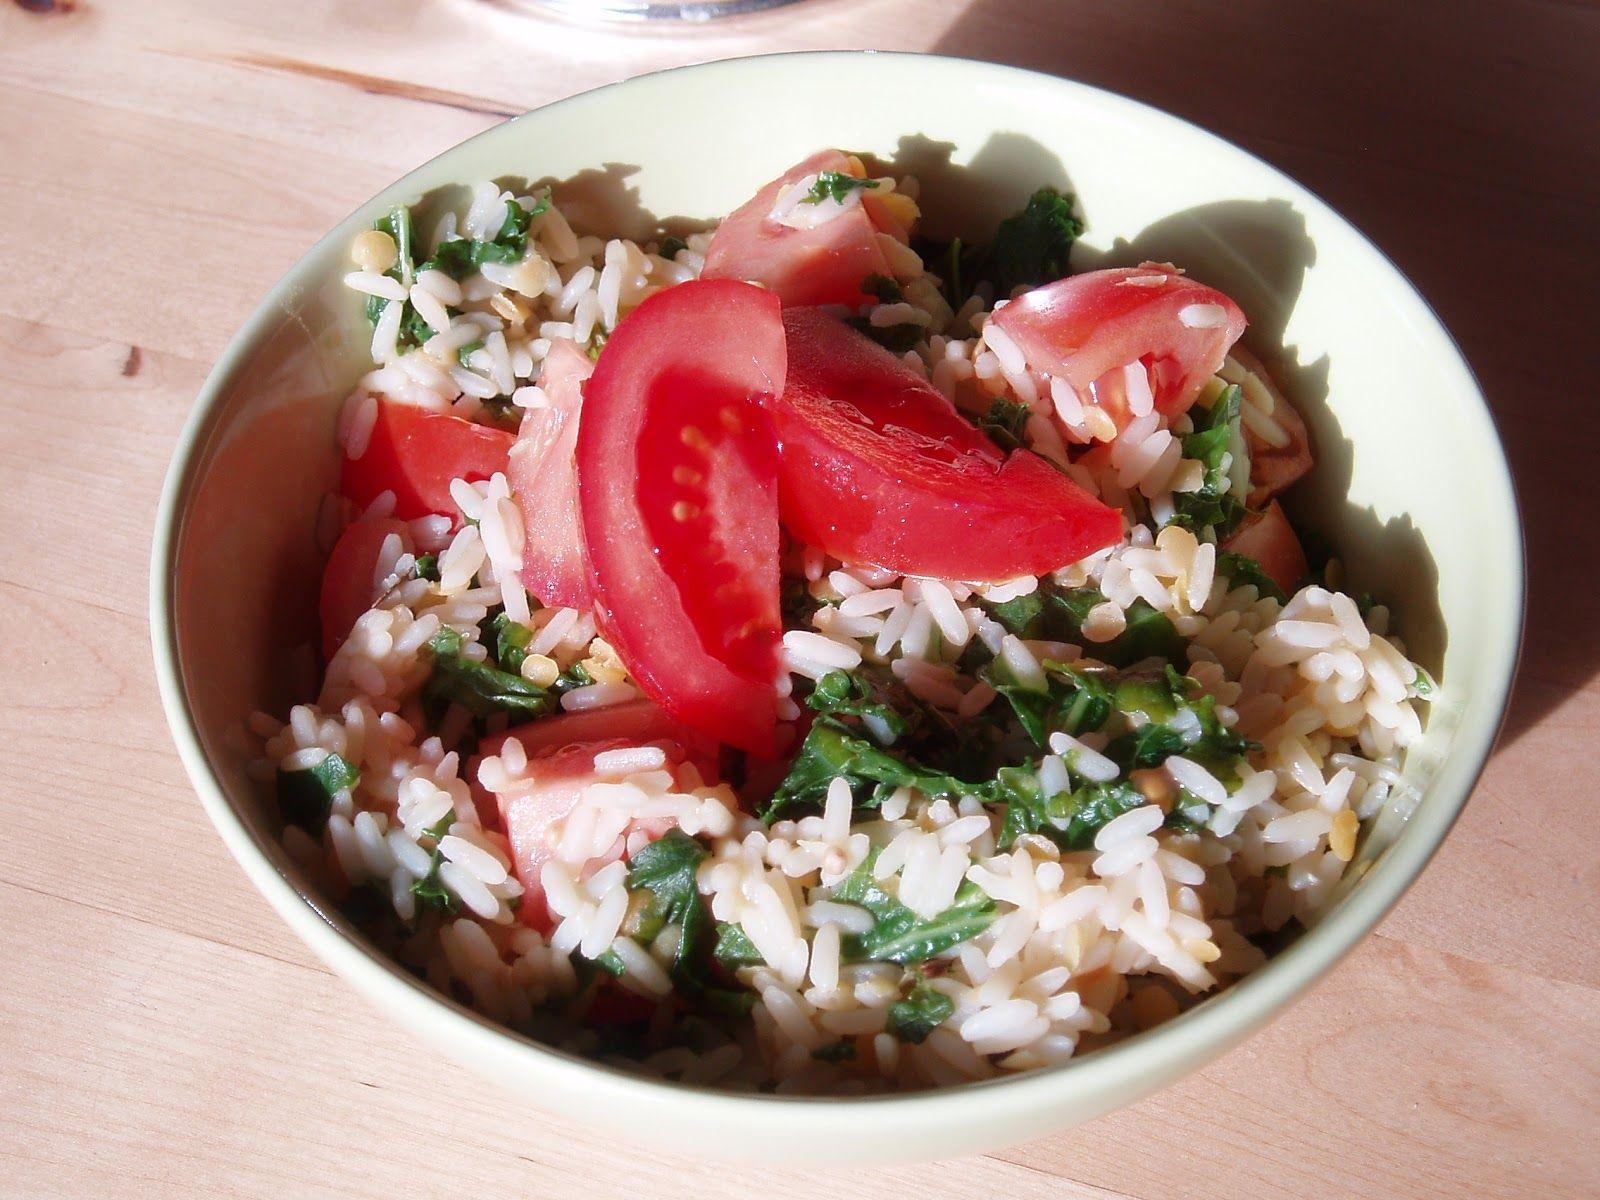 Manka mag Halloween nicht besonders, aber den Vednesday dafür umso mehr!! Hurra! Mankas Mittagessen: Reis mit Grünkohl und Linsen (glutenfrei!).  http://intolerantinfo.blogspot.de/2012/11/vegan-glutenfree-wednesday.html